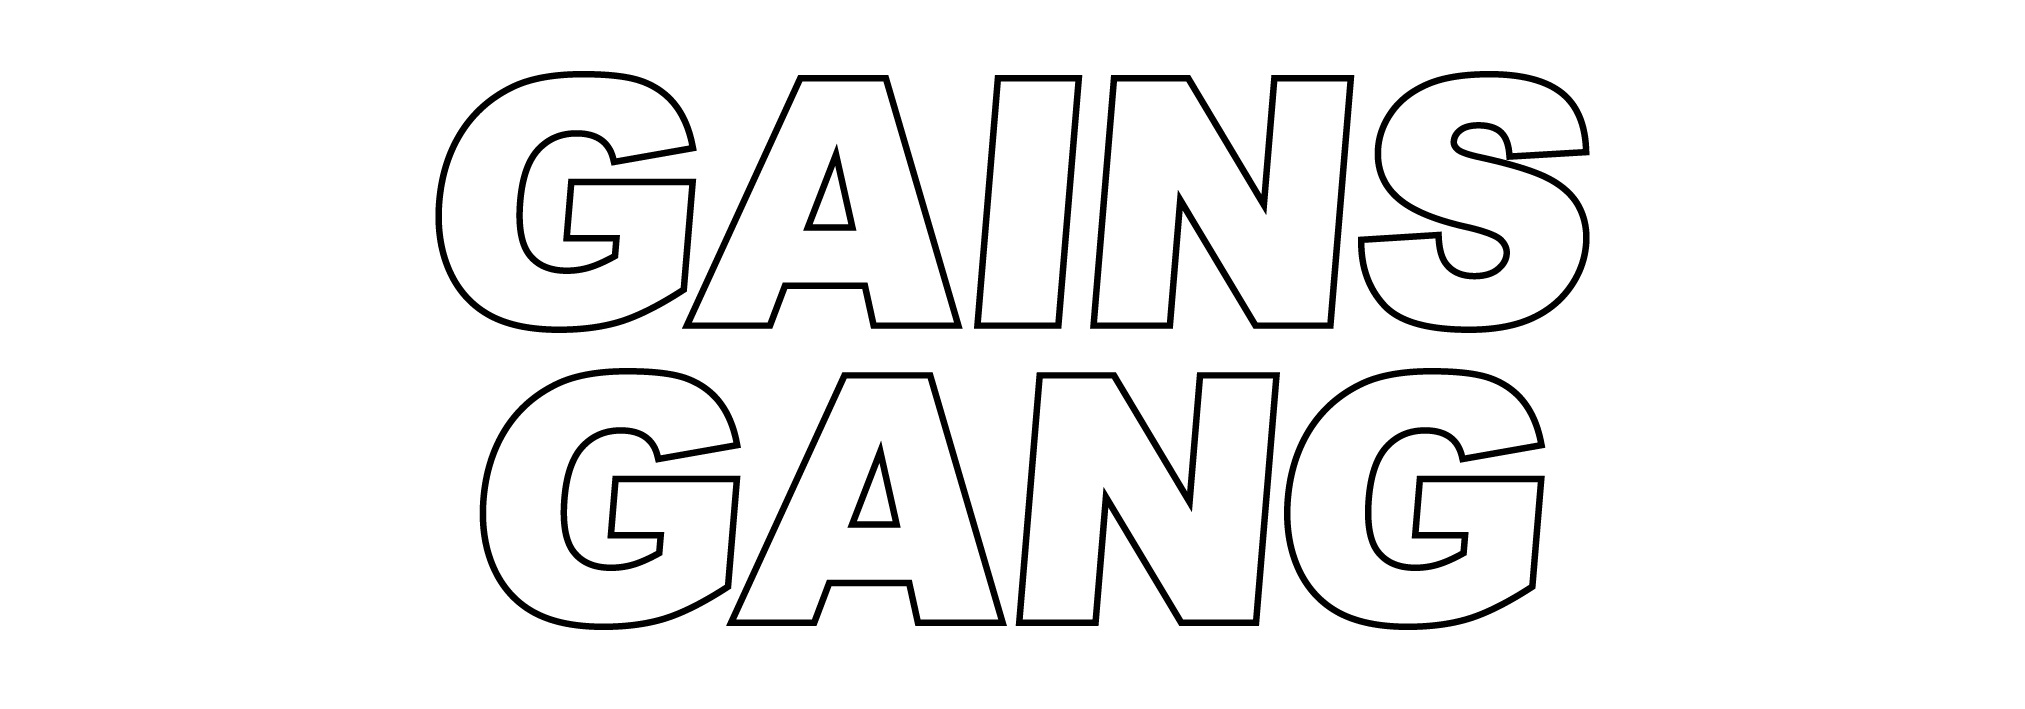 TFT_GainsGang_3-01 copy.JPG